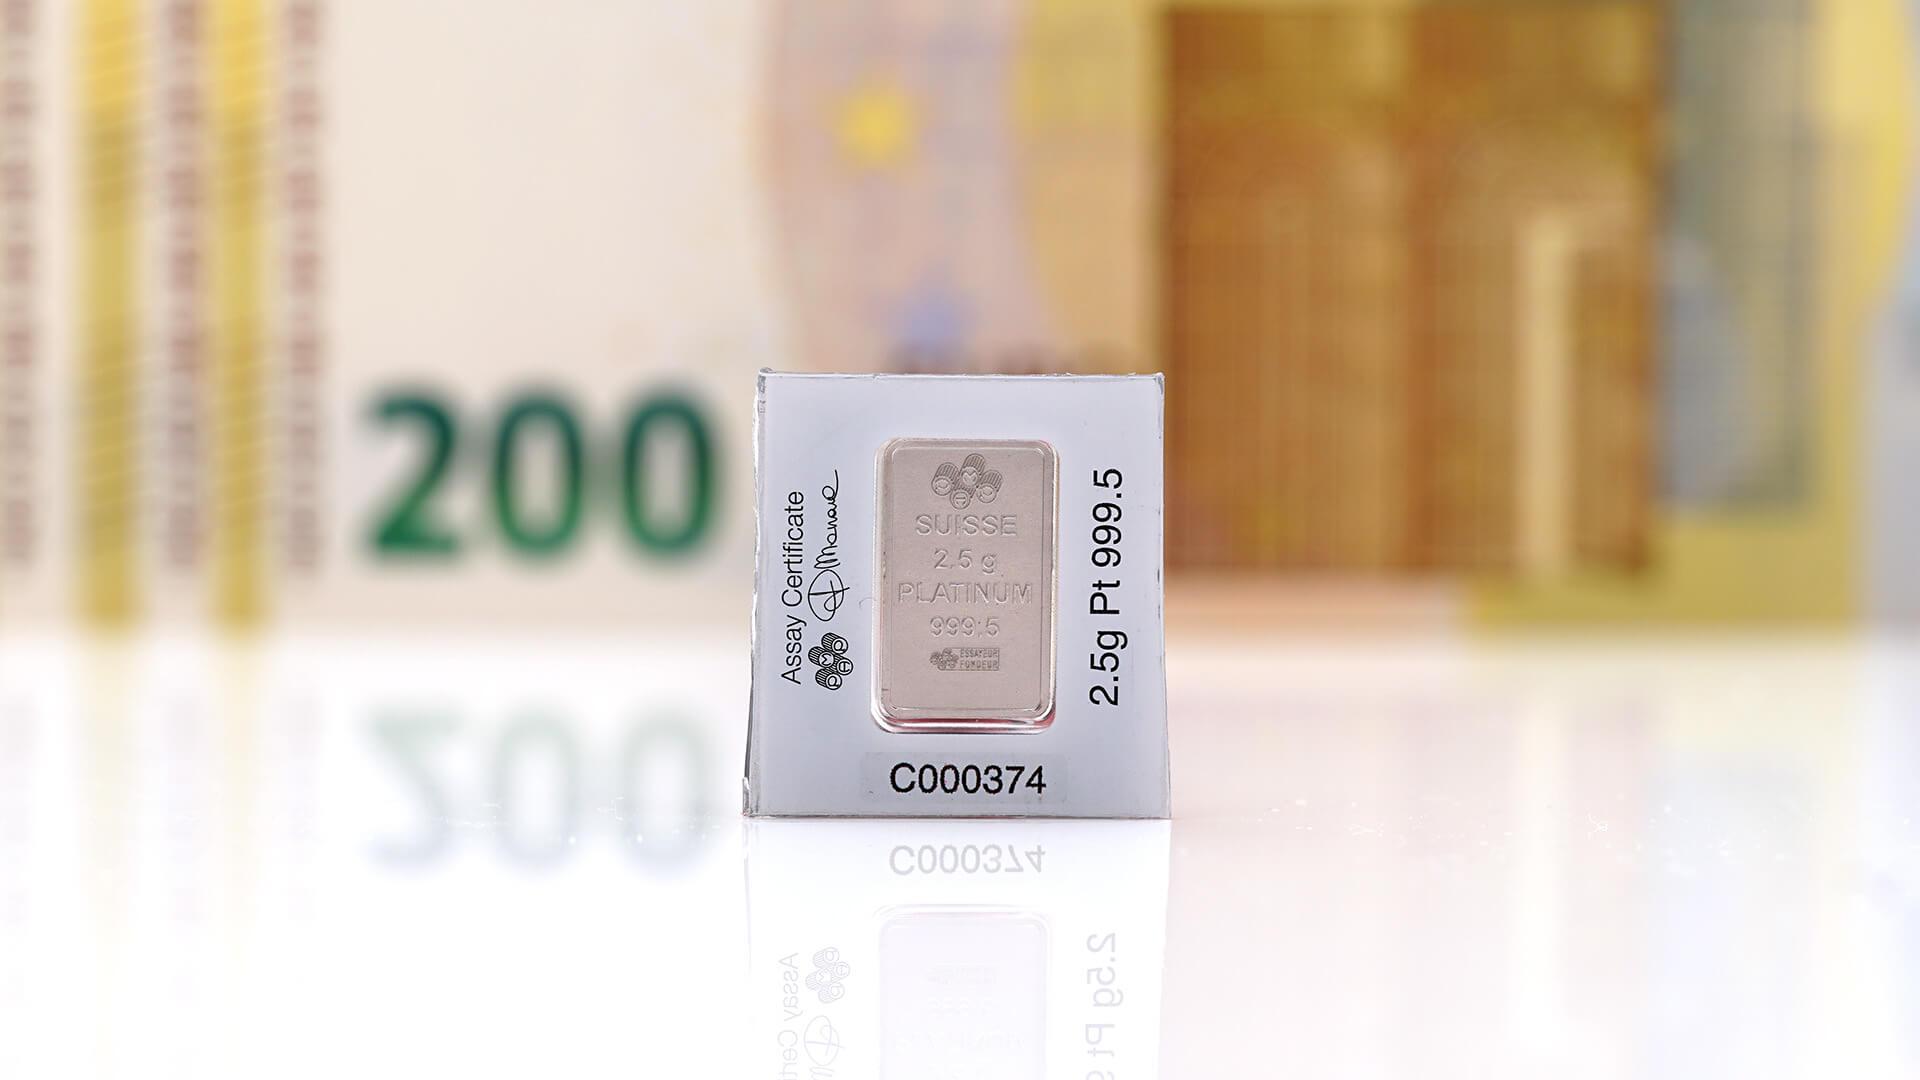 Platin Preis - Platinpreis aktuell - Ankaufspreise Platin Wert pro Gramm